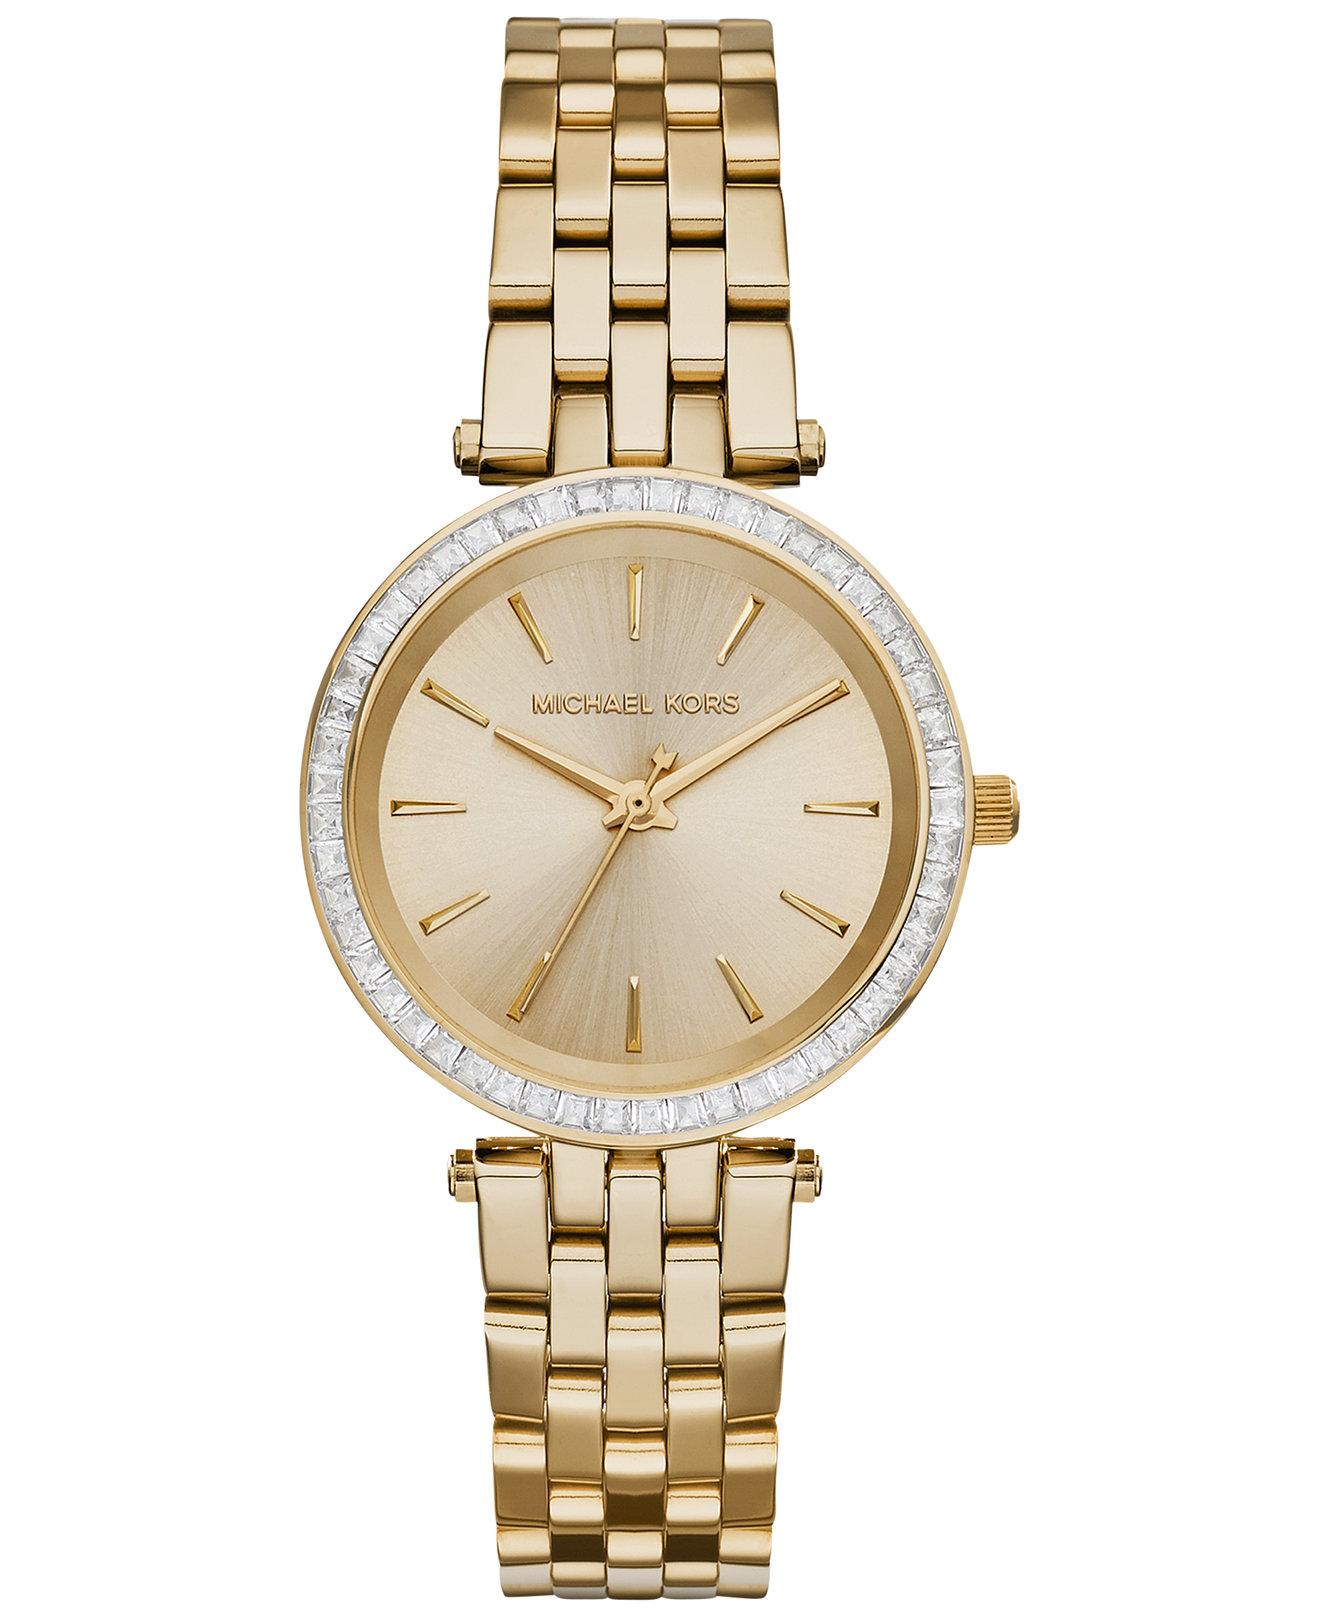 Đồng hồ Michael Kors MK3365 cho nữ